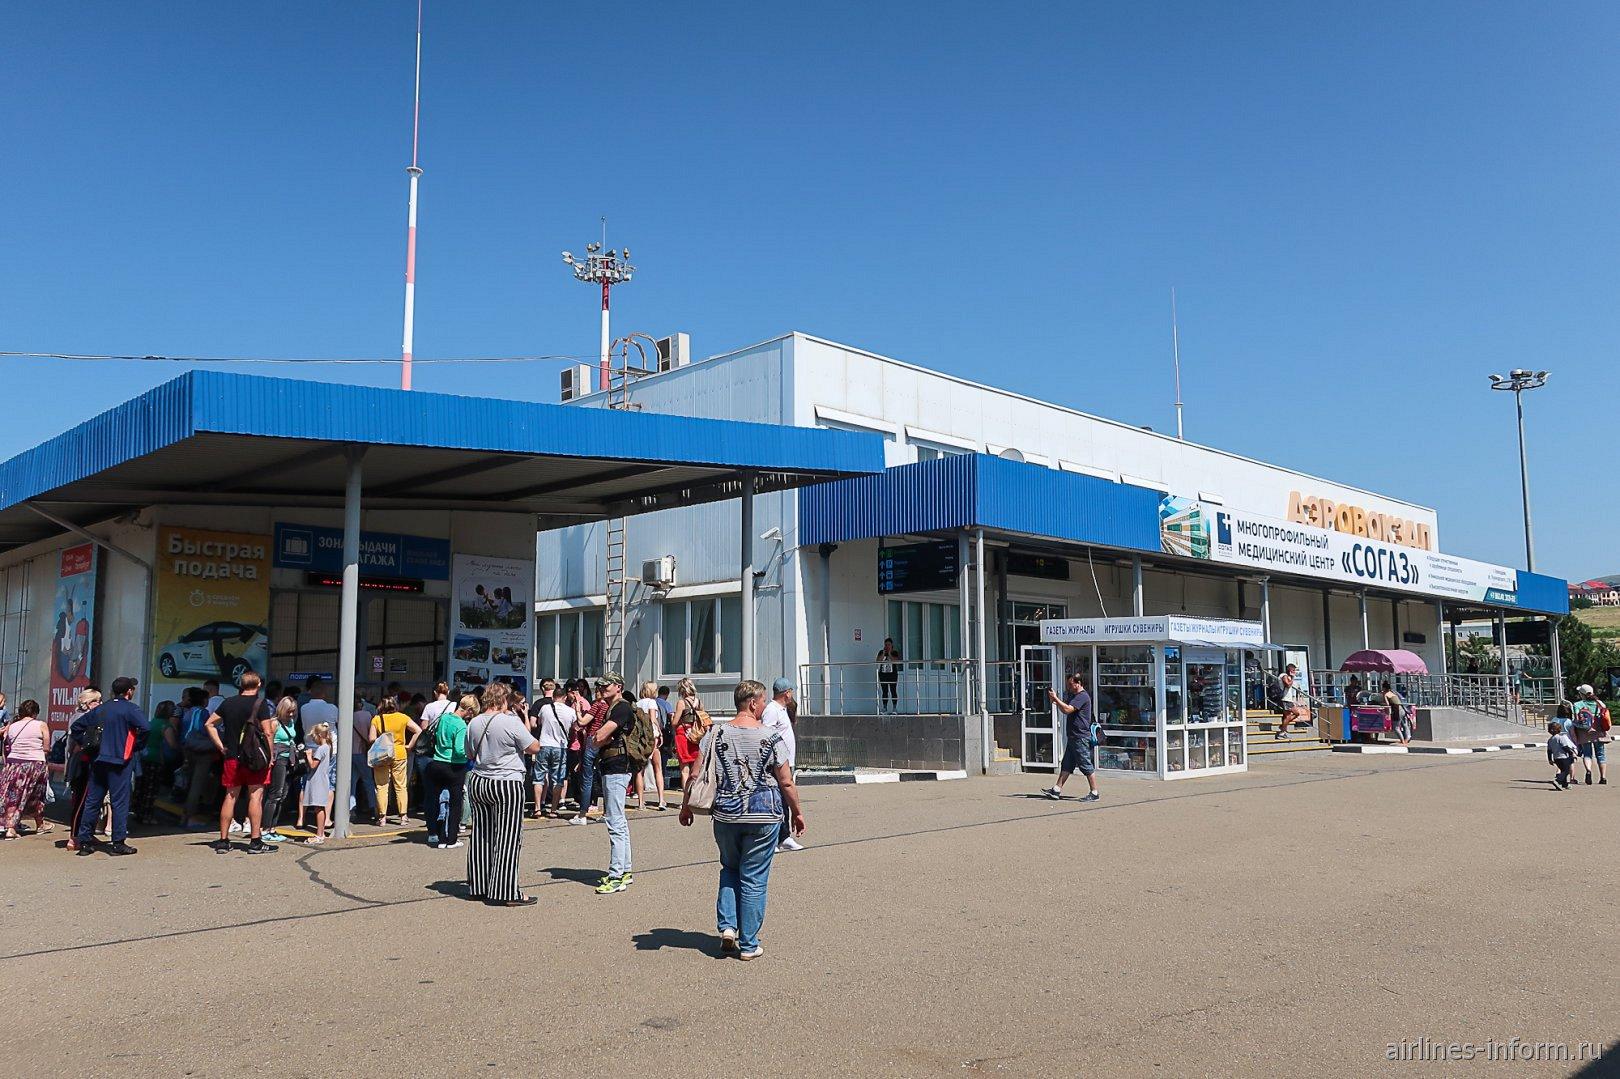 Пассажирский терминал аэропорта Геленджик